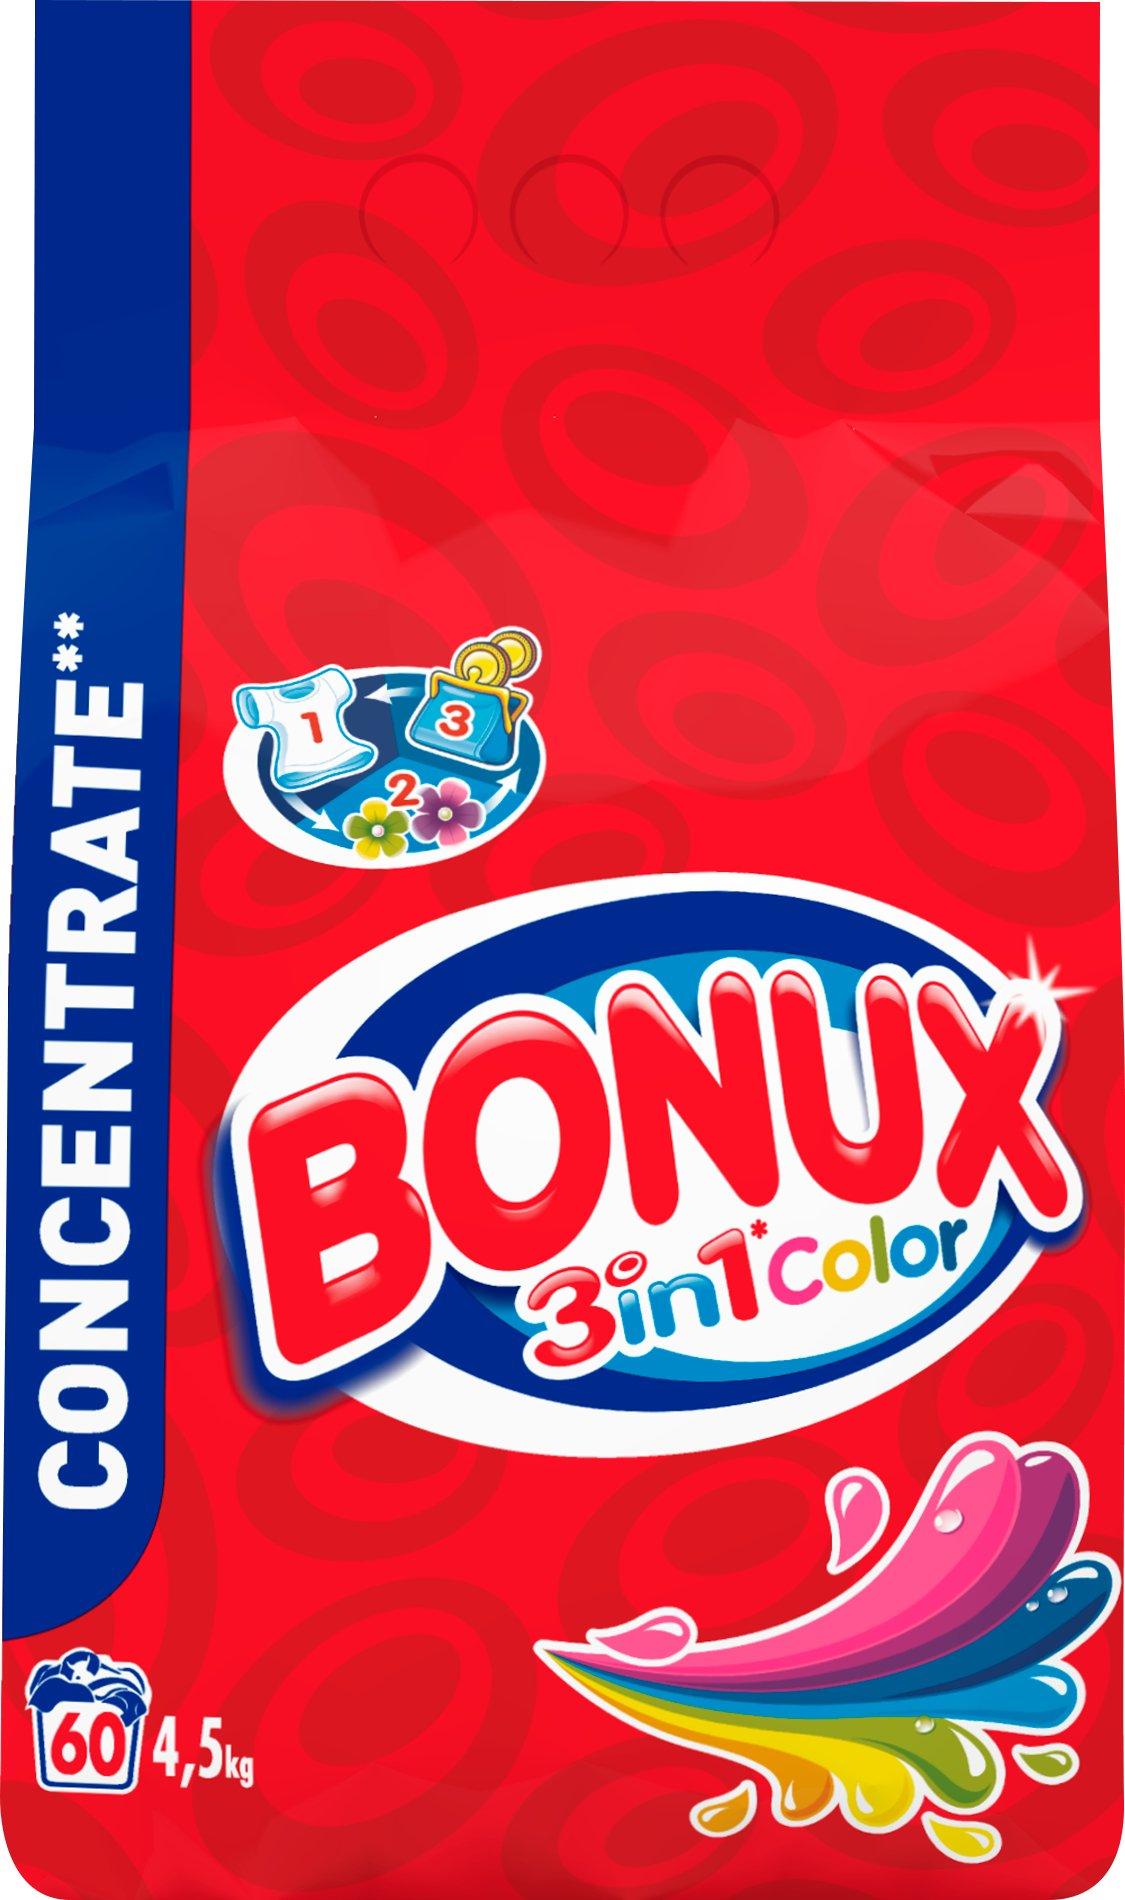 Fotografie Bonux 3in1 Color prací prášek, 60 praní 4,5 kg